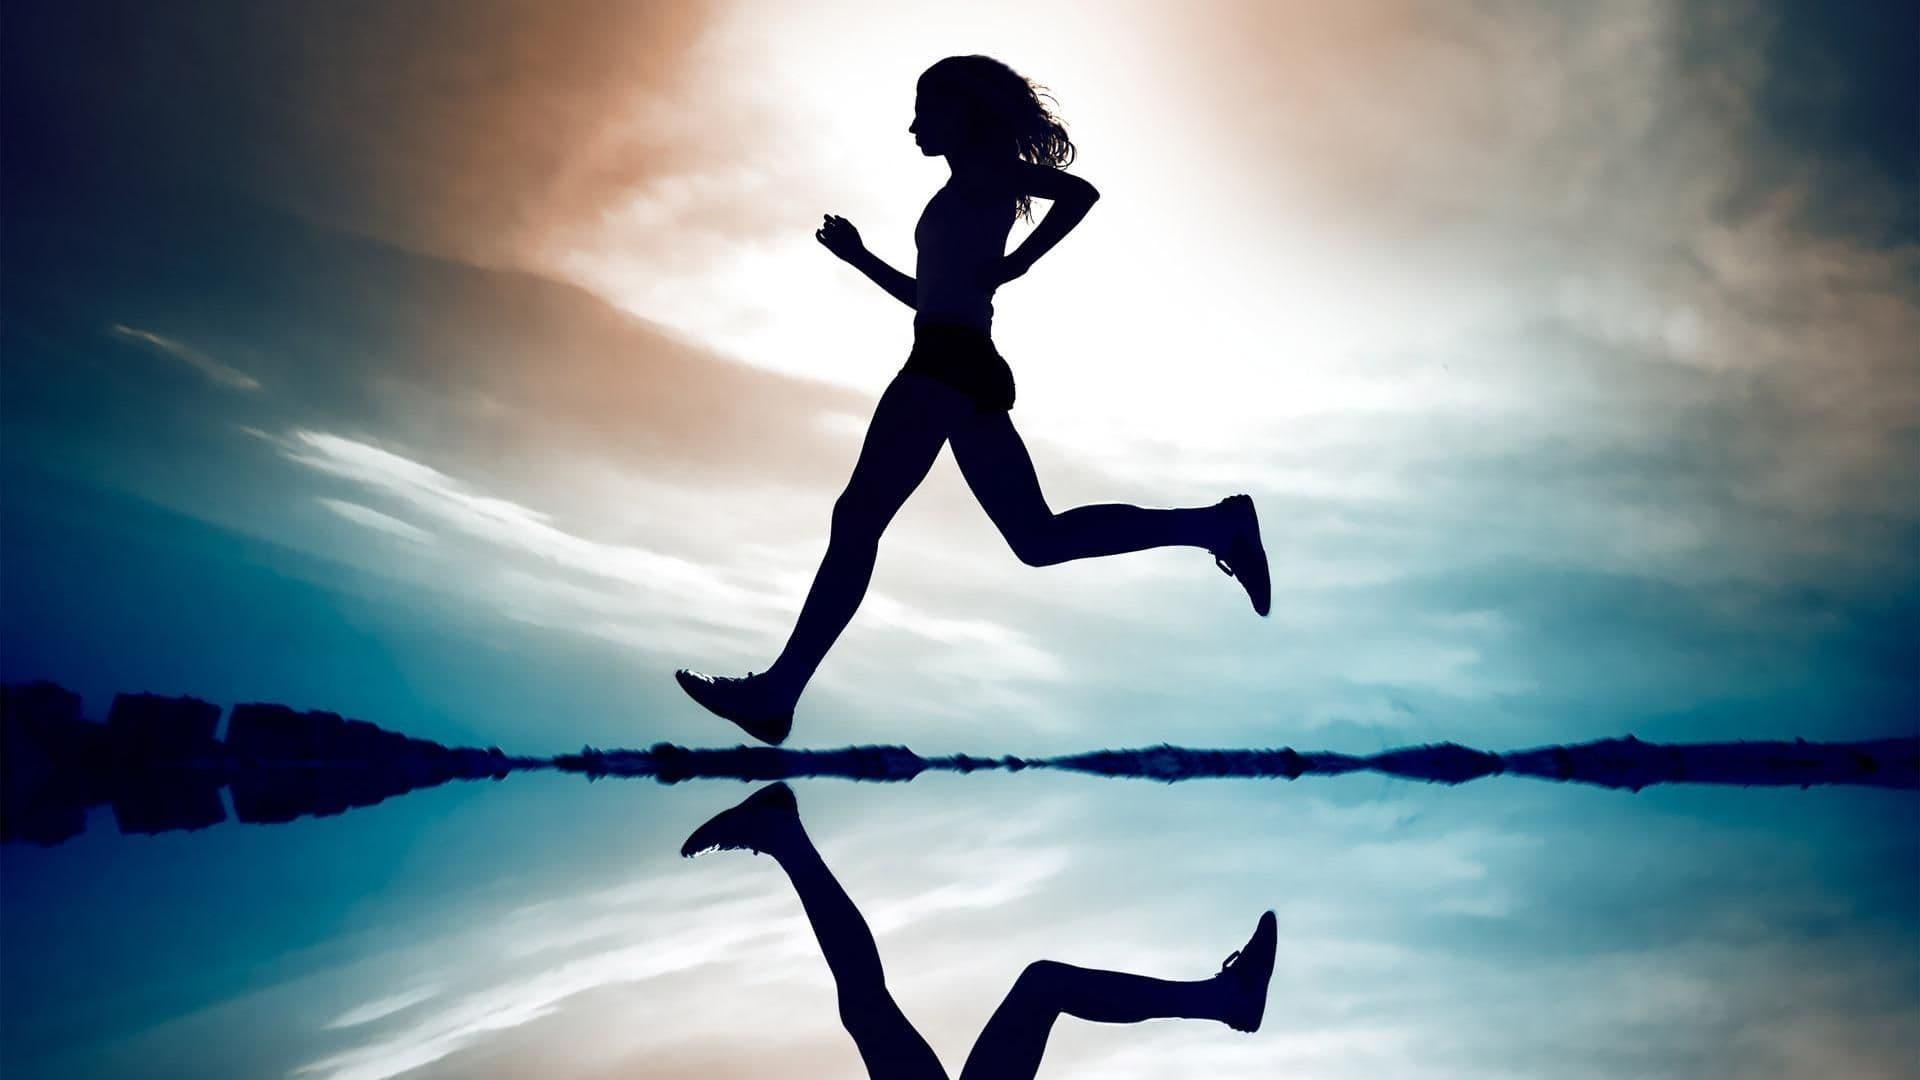 تفسير حلم الجري في المنام